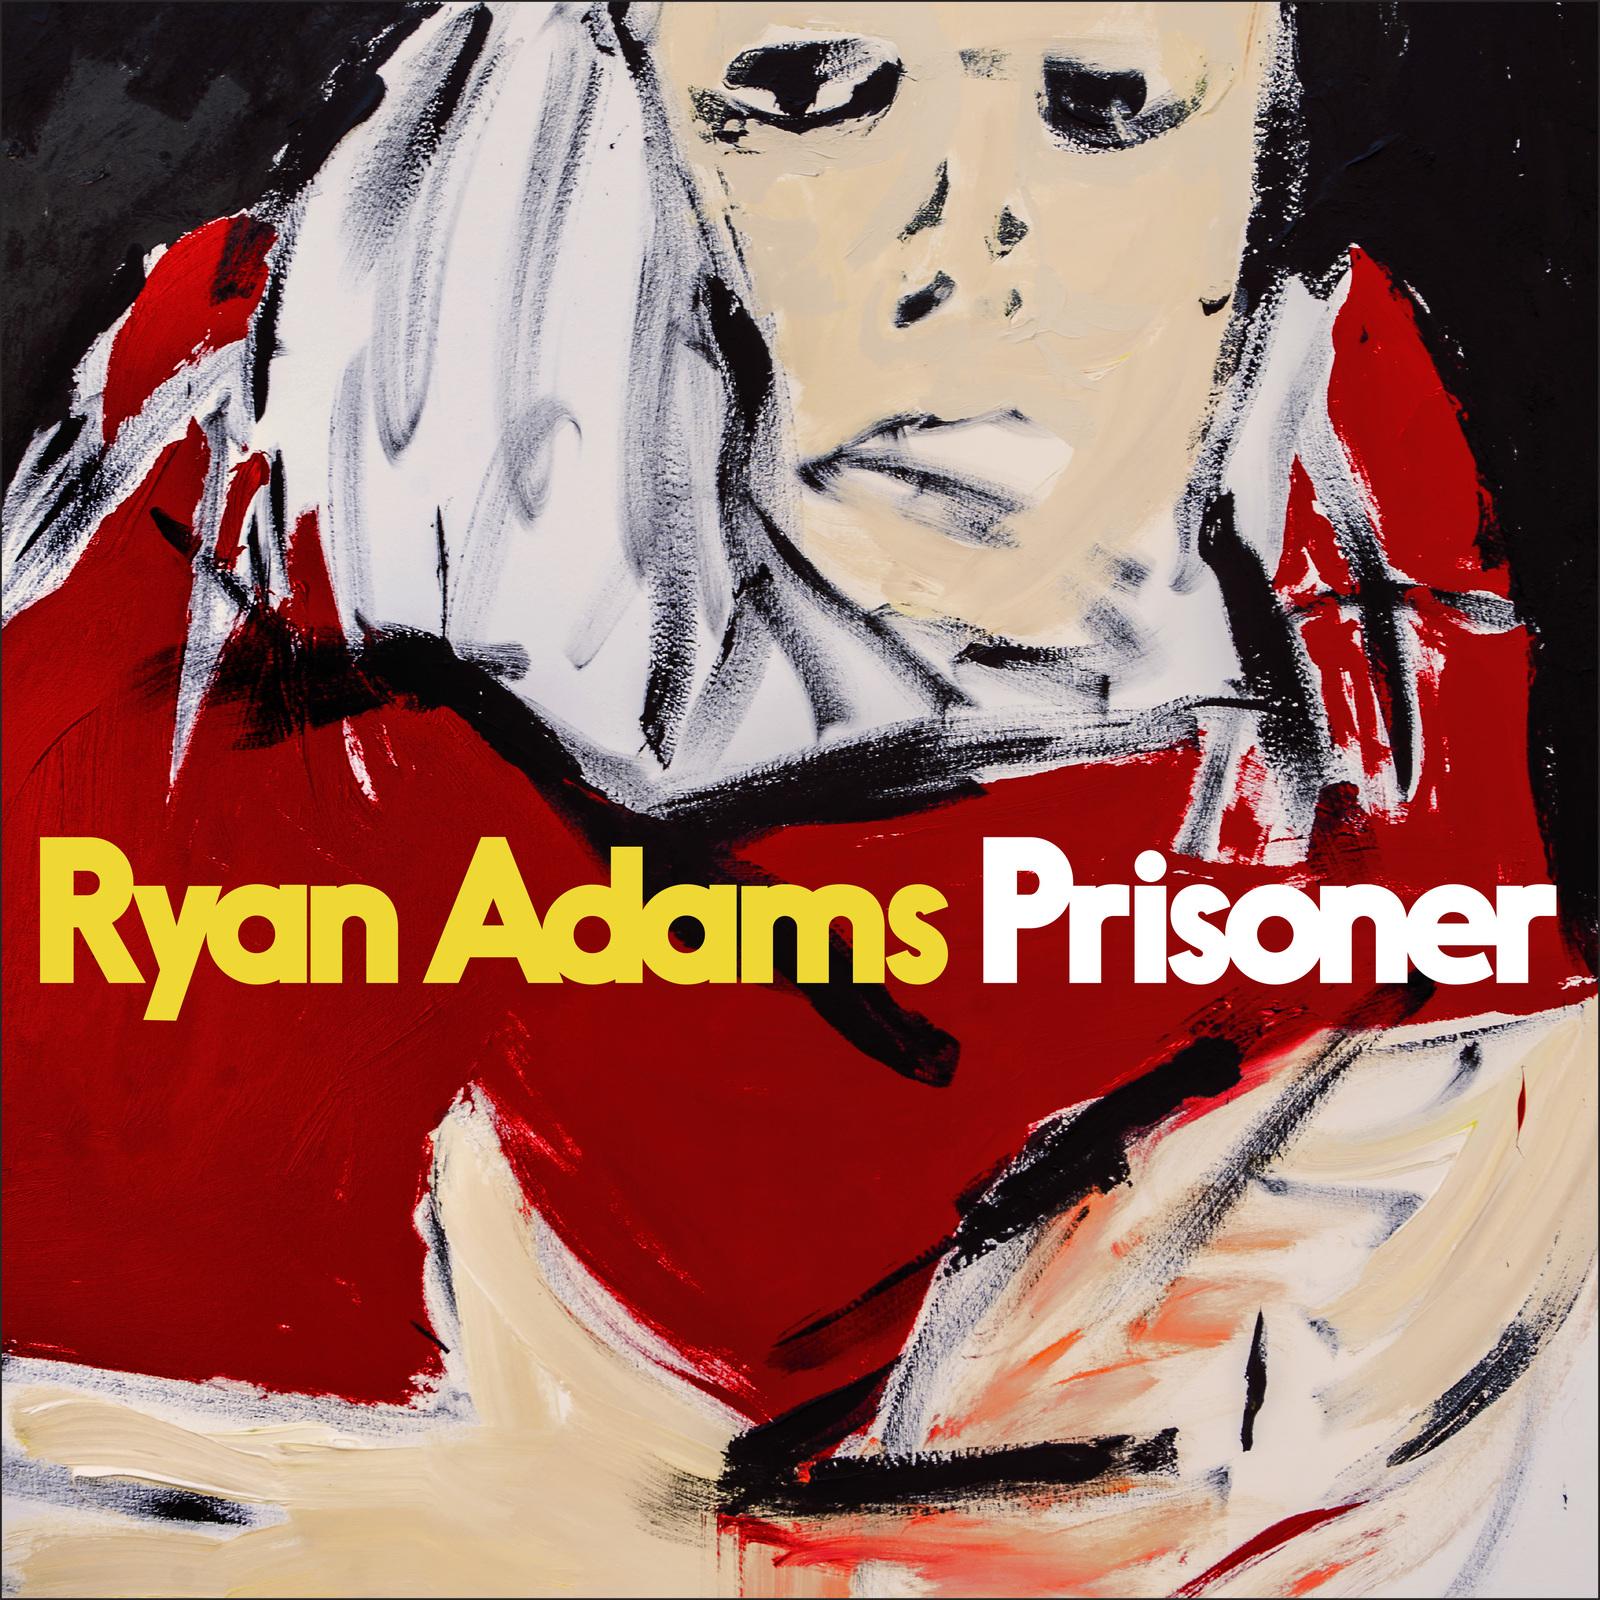 Prisoner by Ryan Adams image